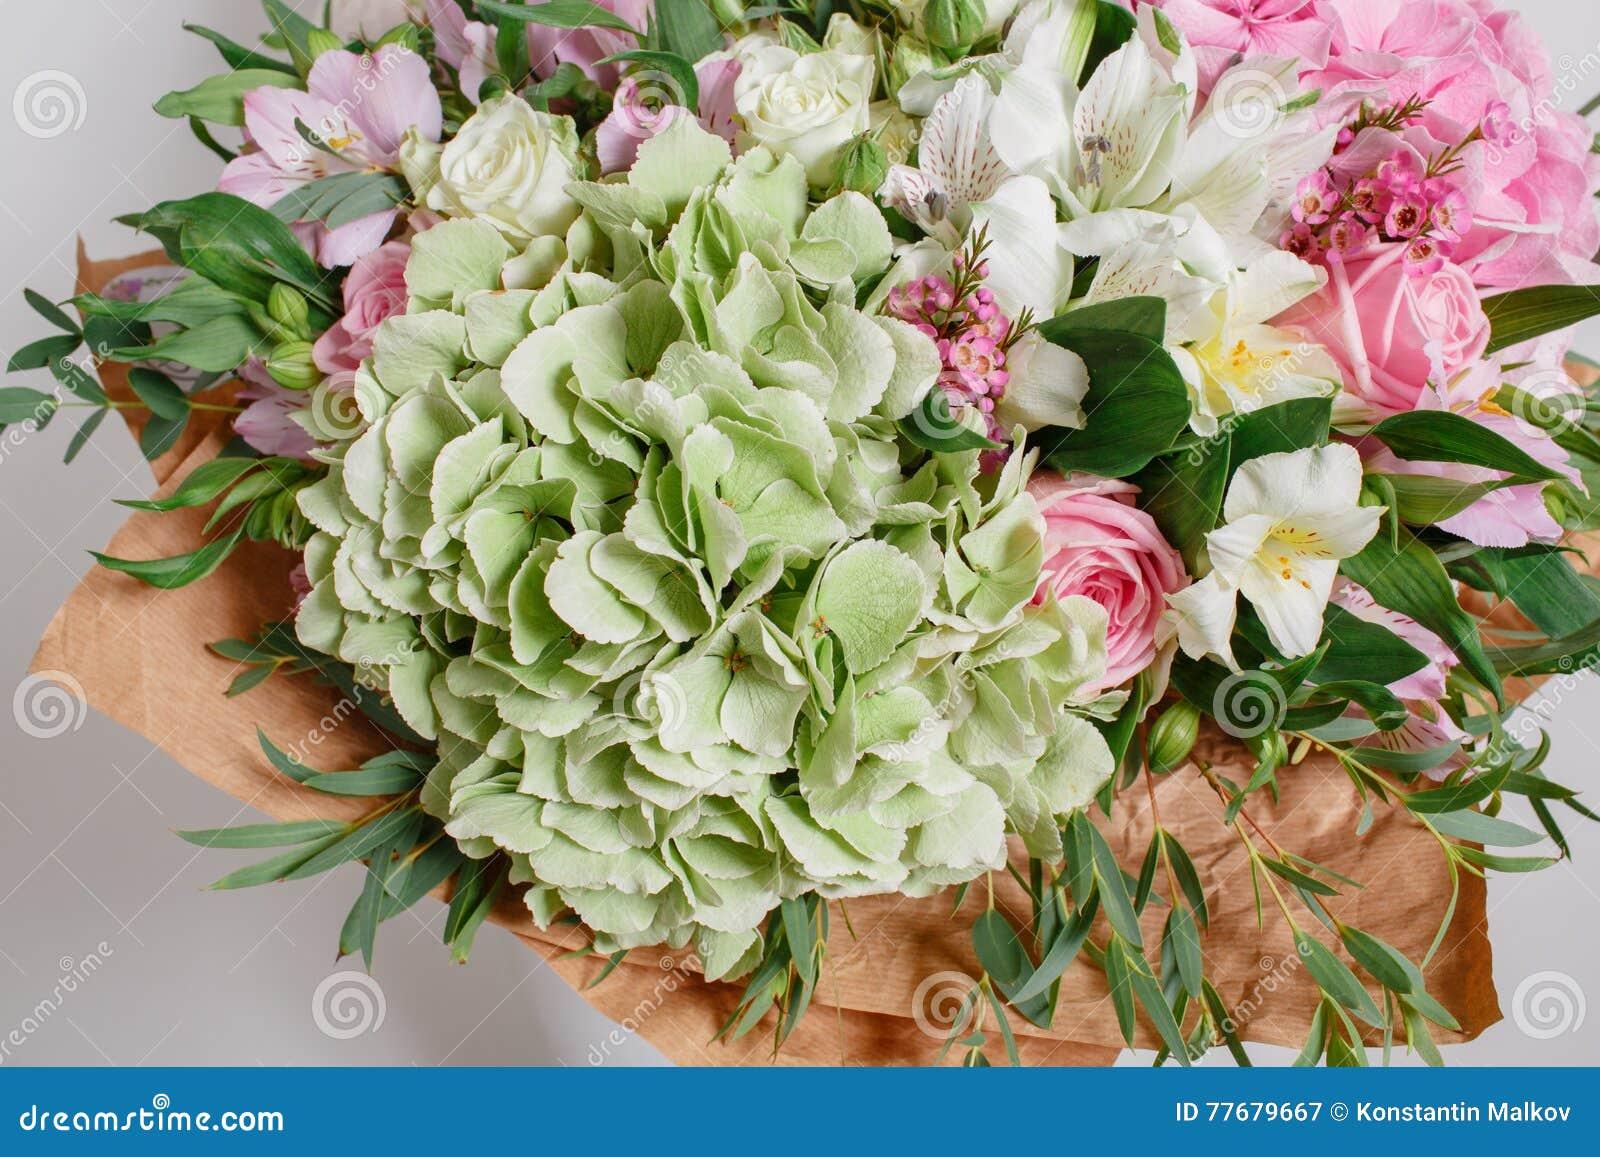 reicher blumenstrau mit hortensie in der frauenhand bunte rosen und verschiedene. Black Bedroom Furniture Sets. Home Design Ideas